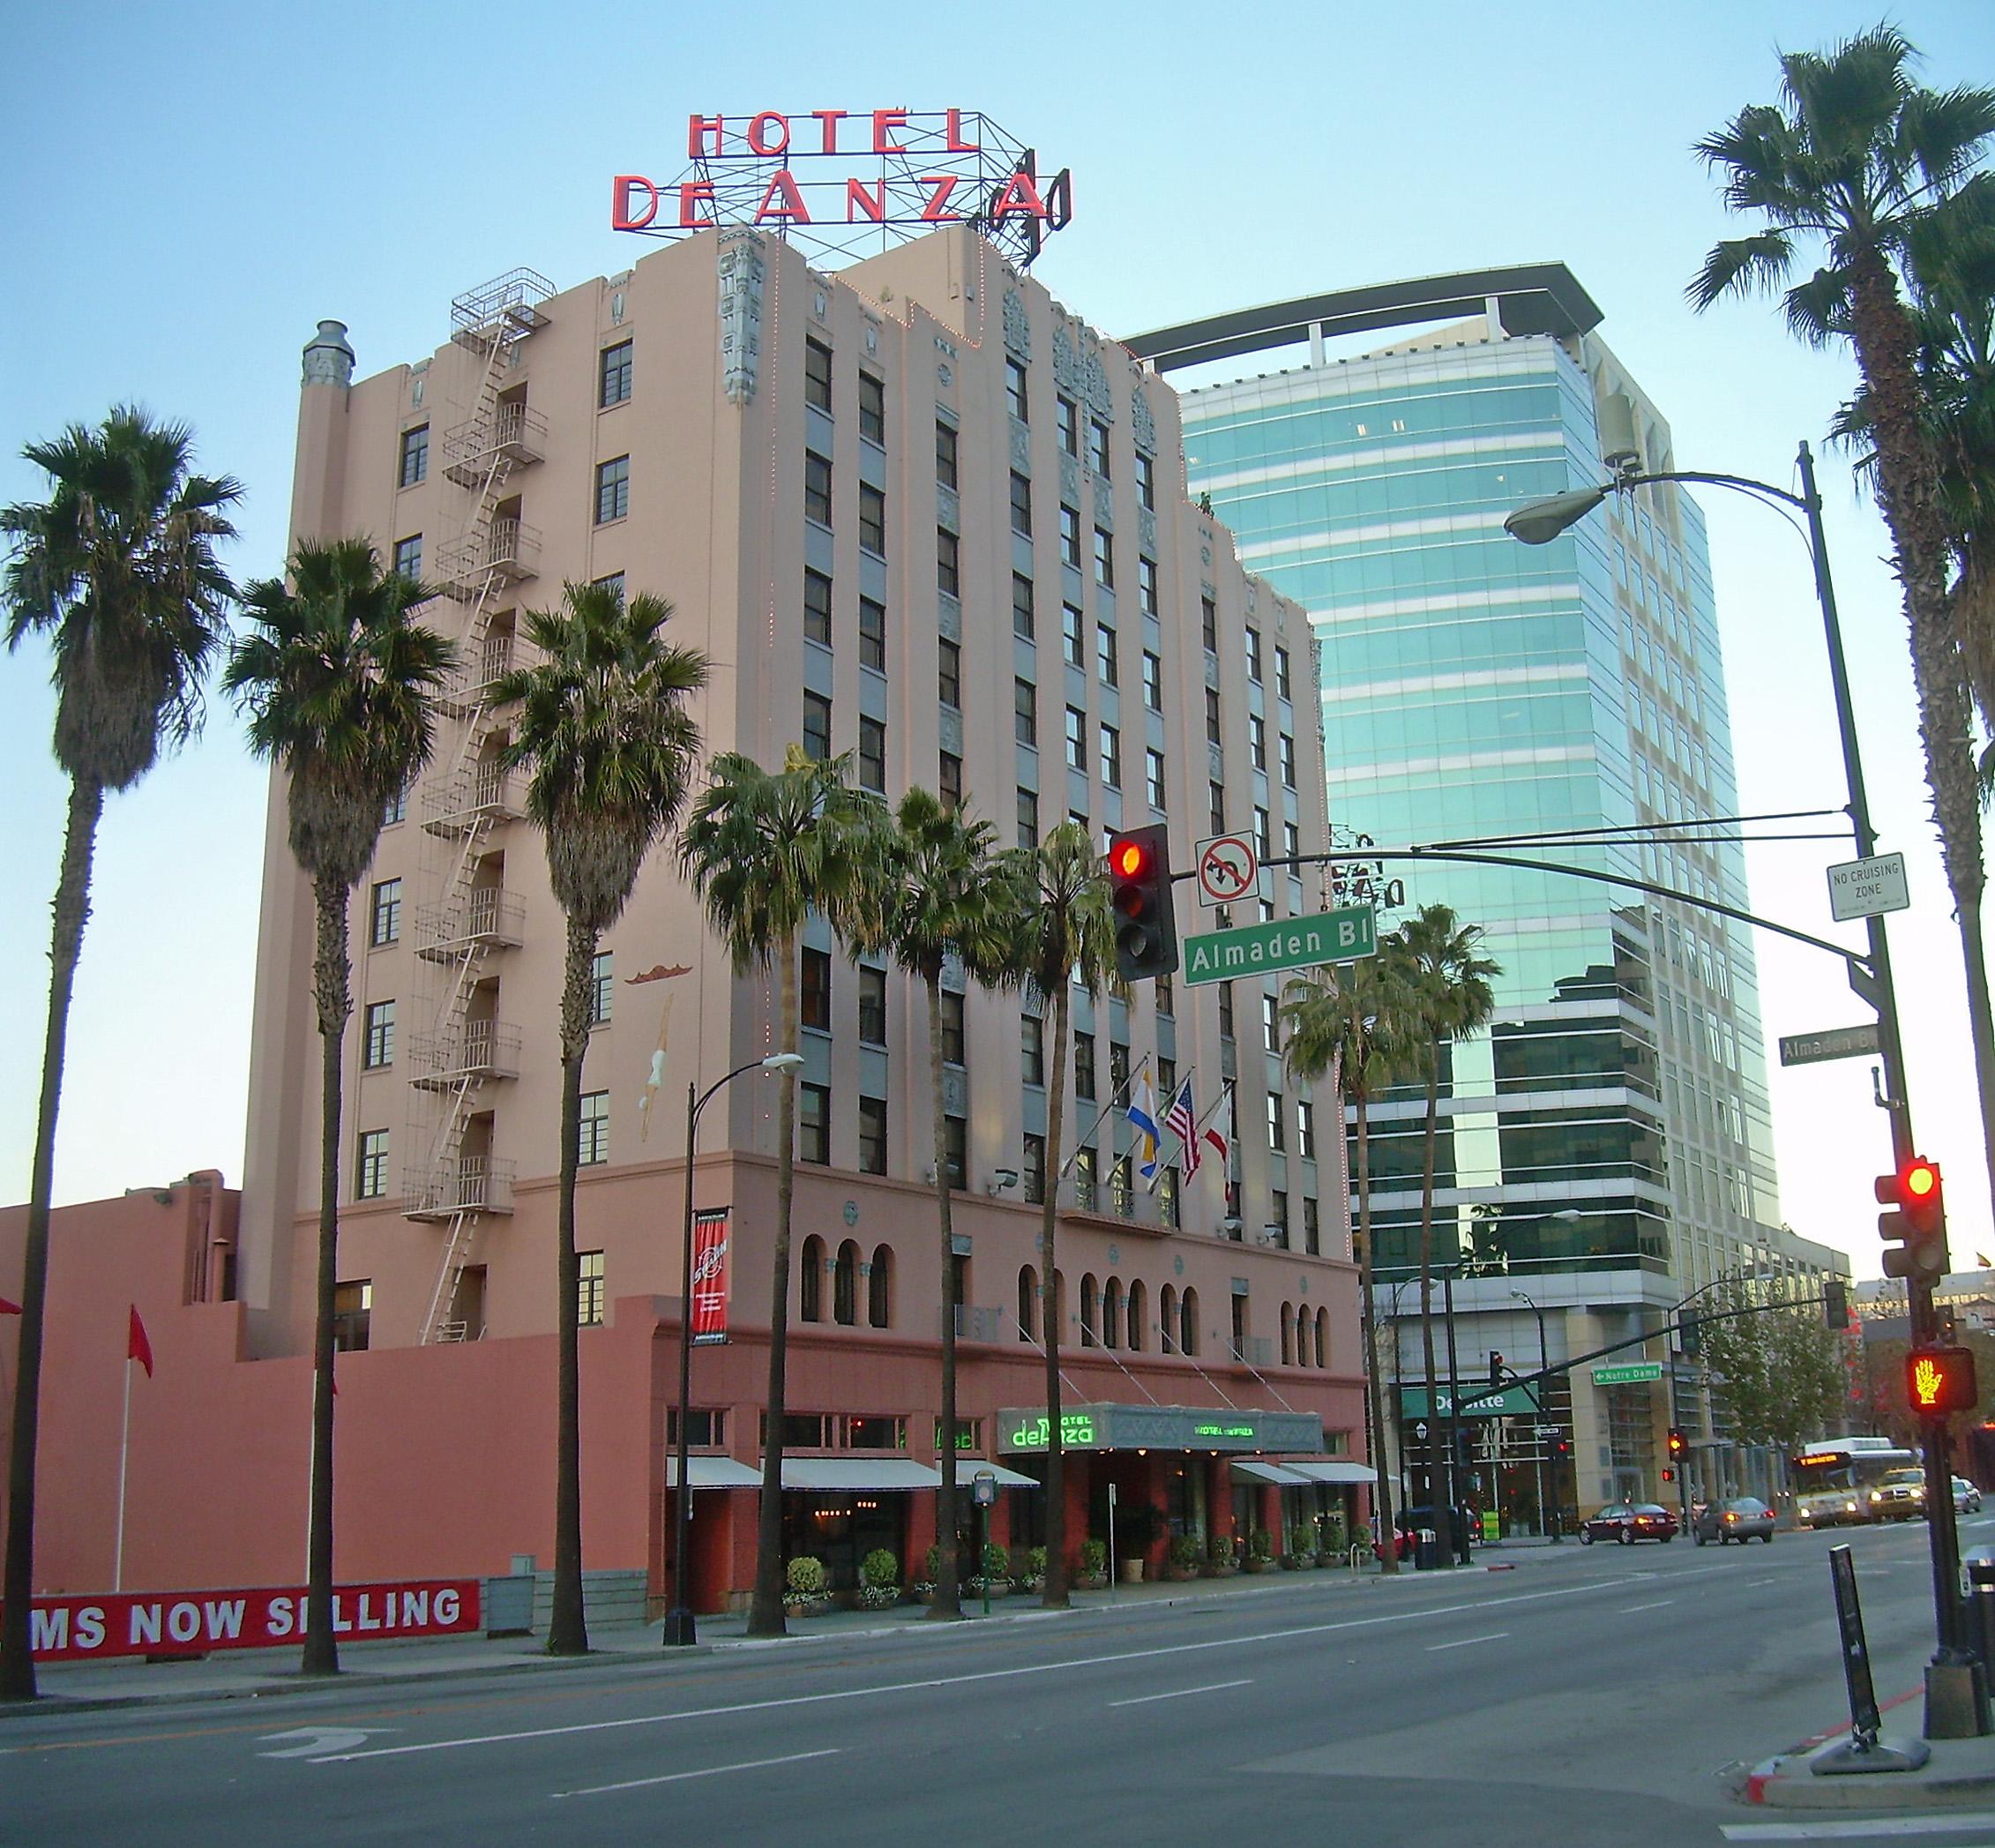 File:Hotel De Anza San Jose Palms.jpg